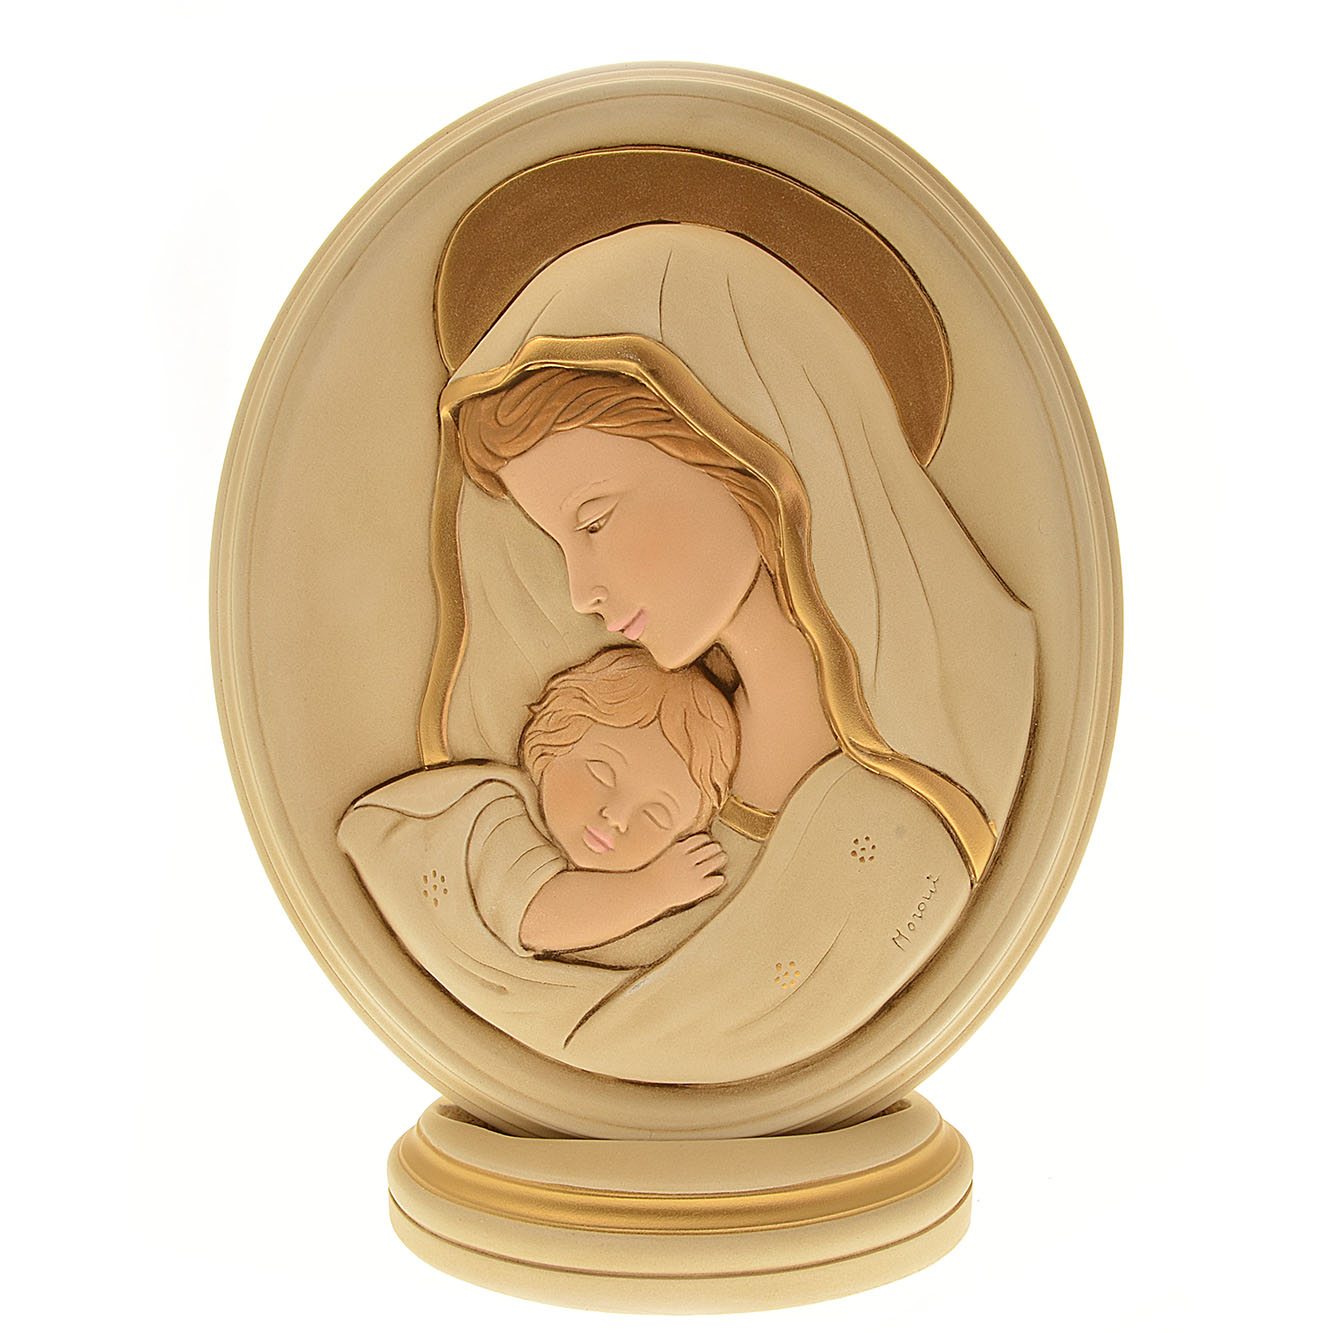 Ovale madonna col bambino 20 5 x 17 in resina italia for Oggetti usati in regalo